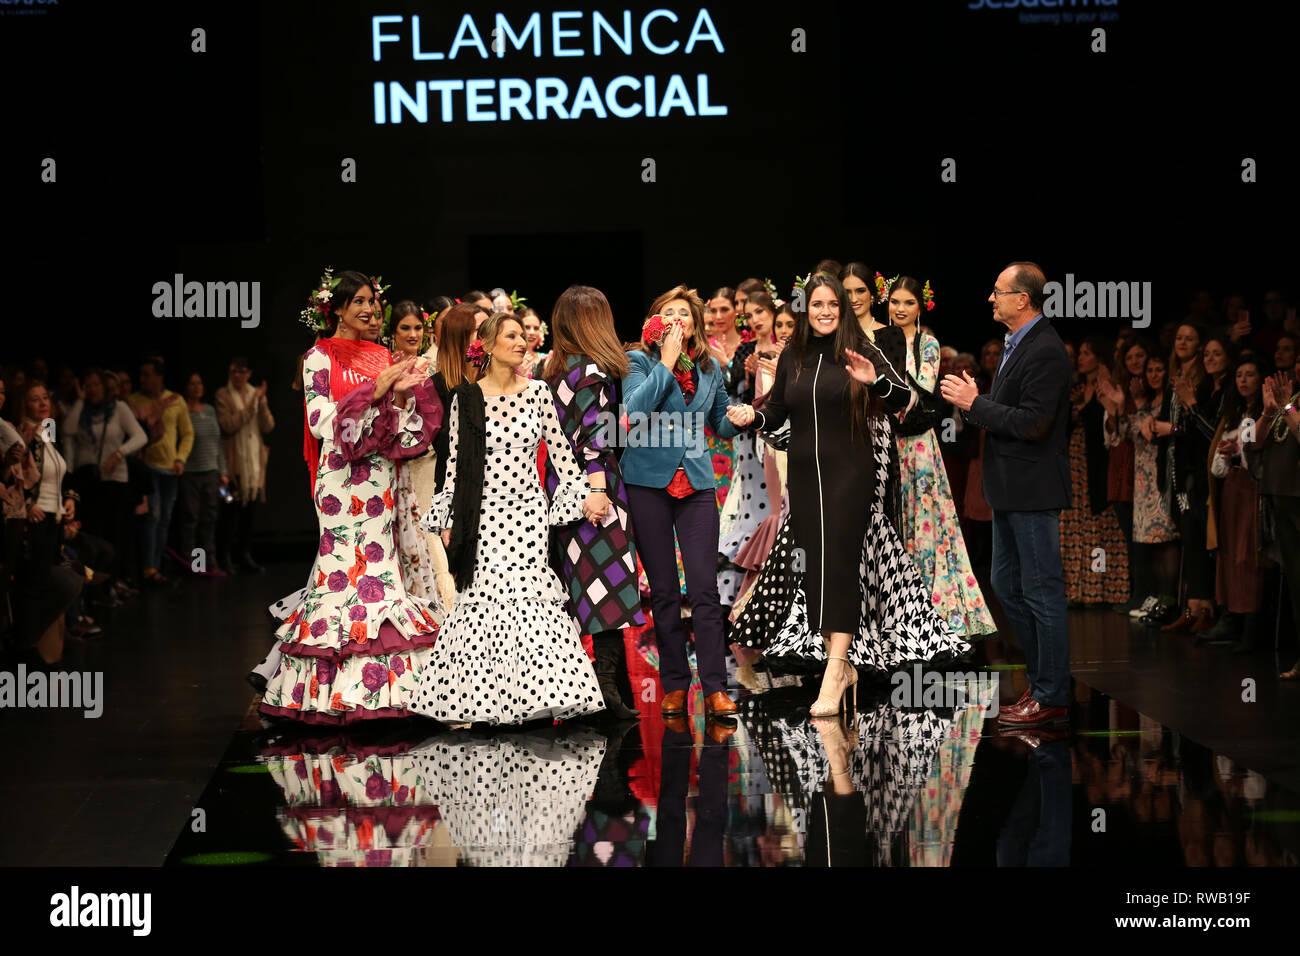 Yolanda Moda Flamenca designer unirse por su madre en la pasarela Imagen De Stock